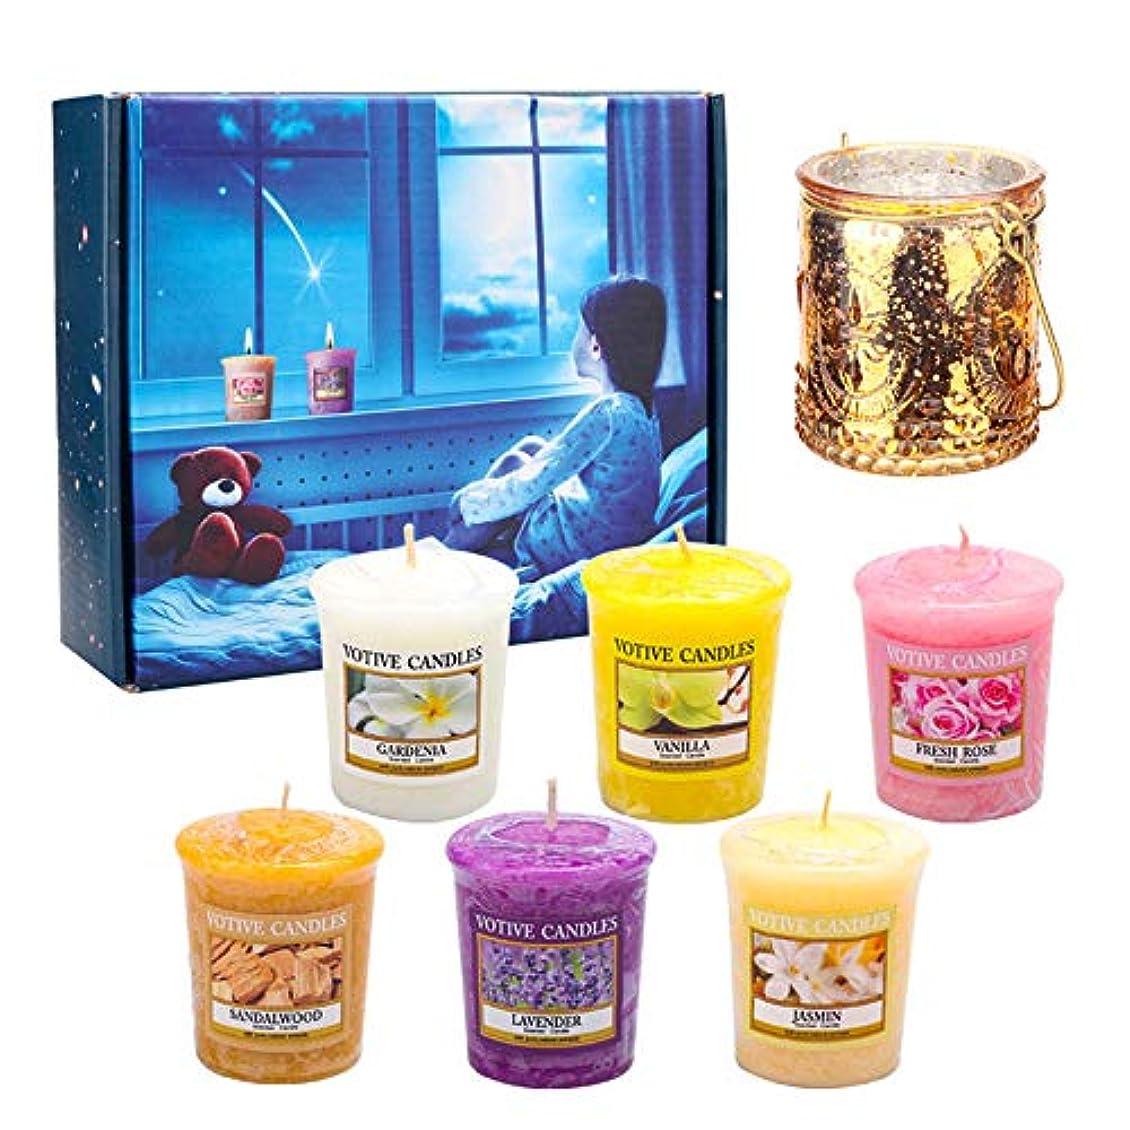 アロマセラピーキャンドル、香料入りキャンドル大豆ワックスロマンチックな香料入りキャンドルギフトセット妻、母の日、記念日